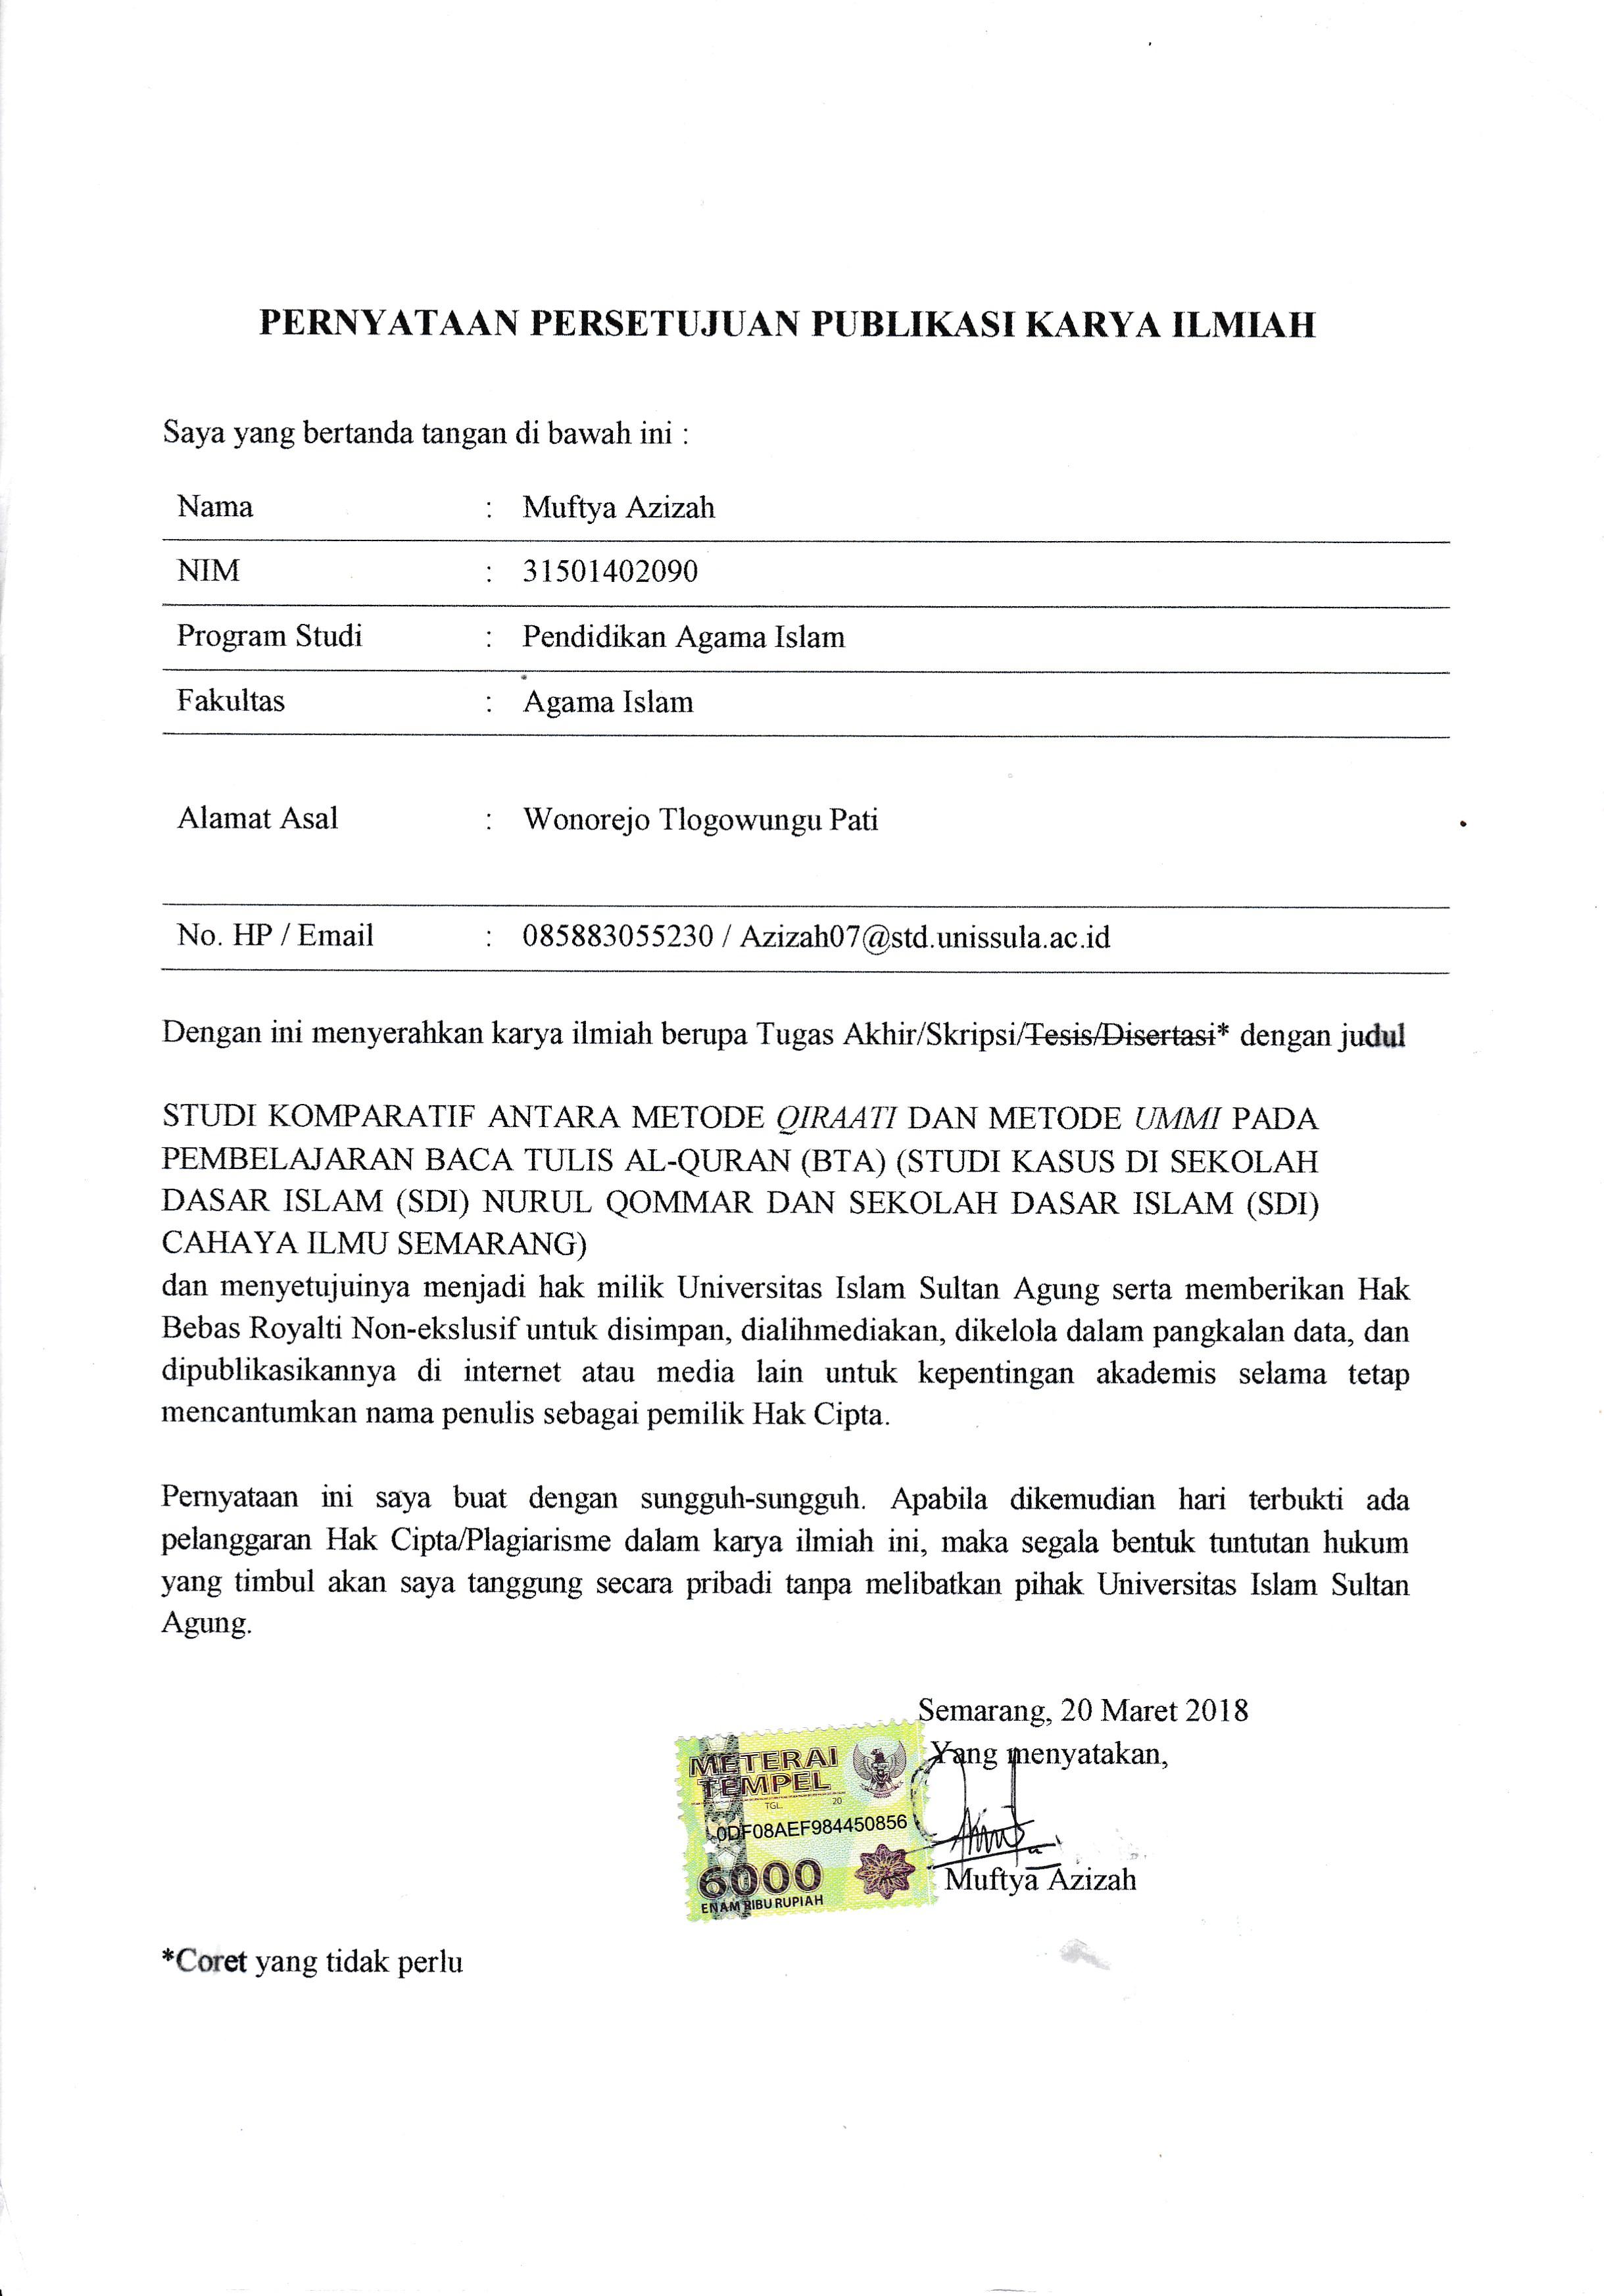 Best Contoh Judul Karya Ilmiah Pendidikan Sekolah Dasar Image Collection